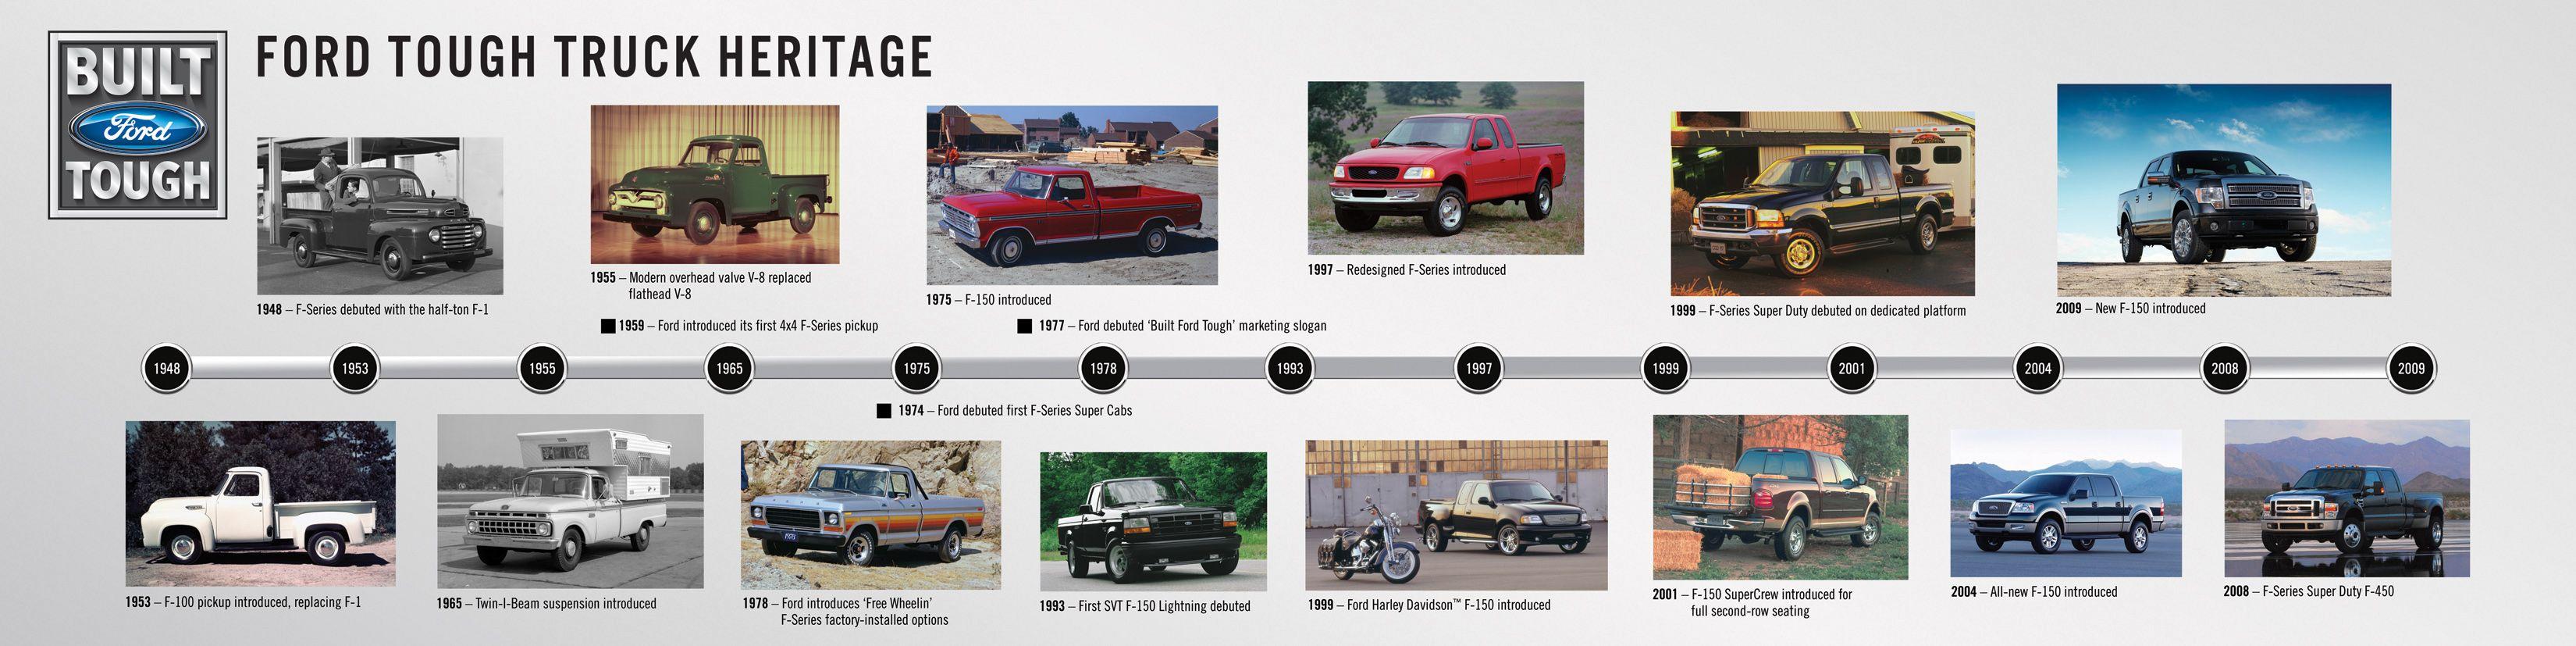 история моделей форд